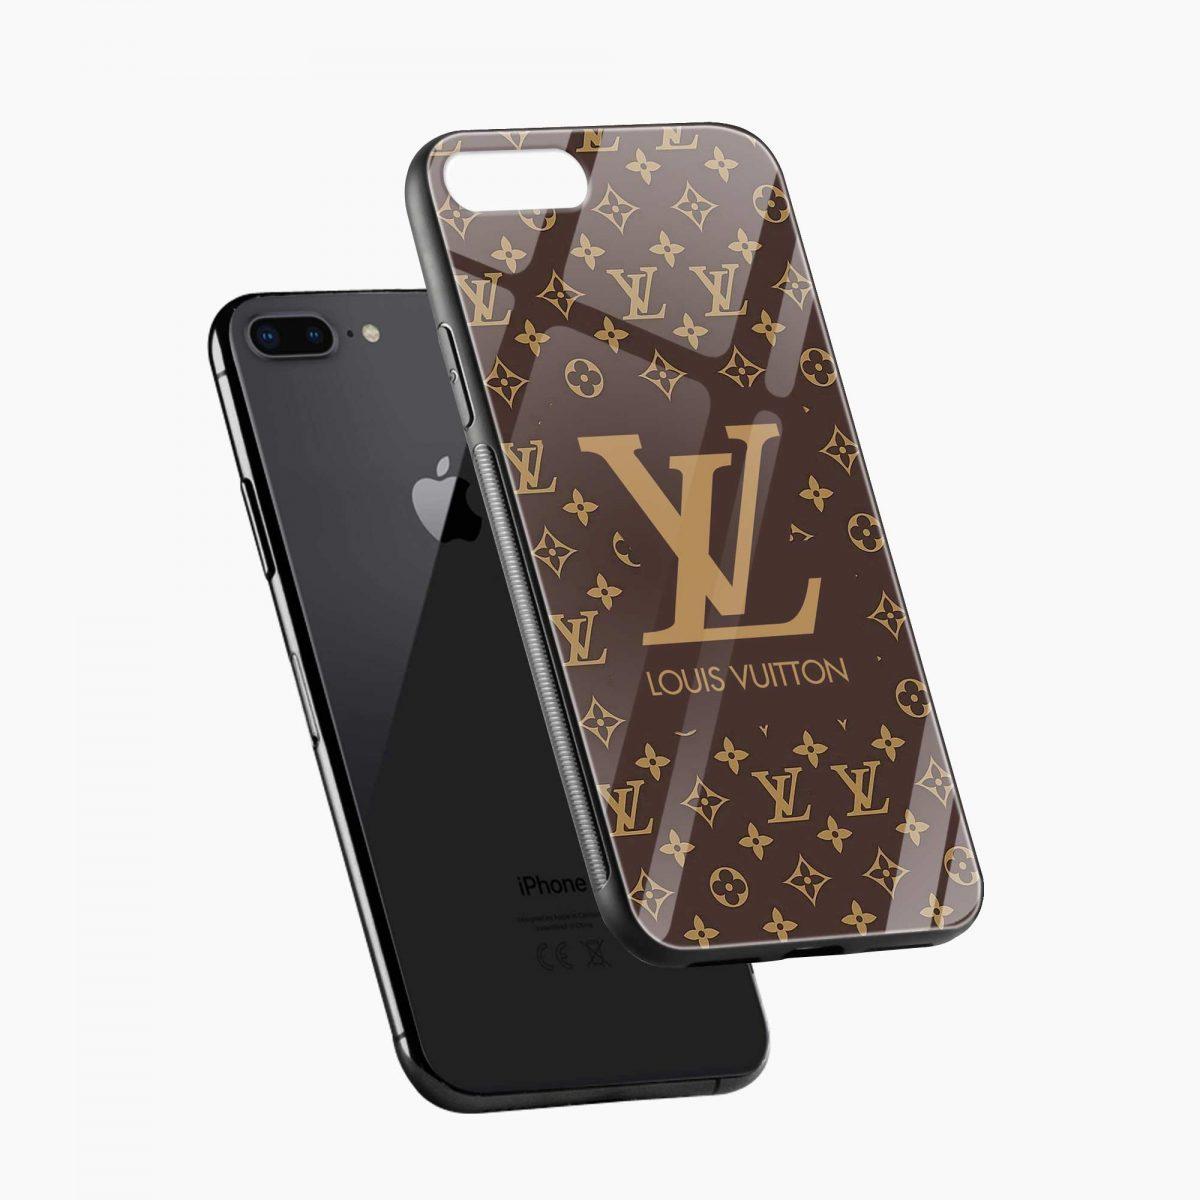 louis vuitton diagonal view apple iphone 7 8 plus back cover